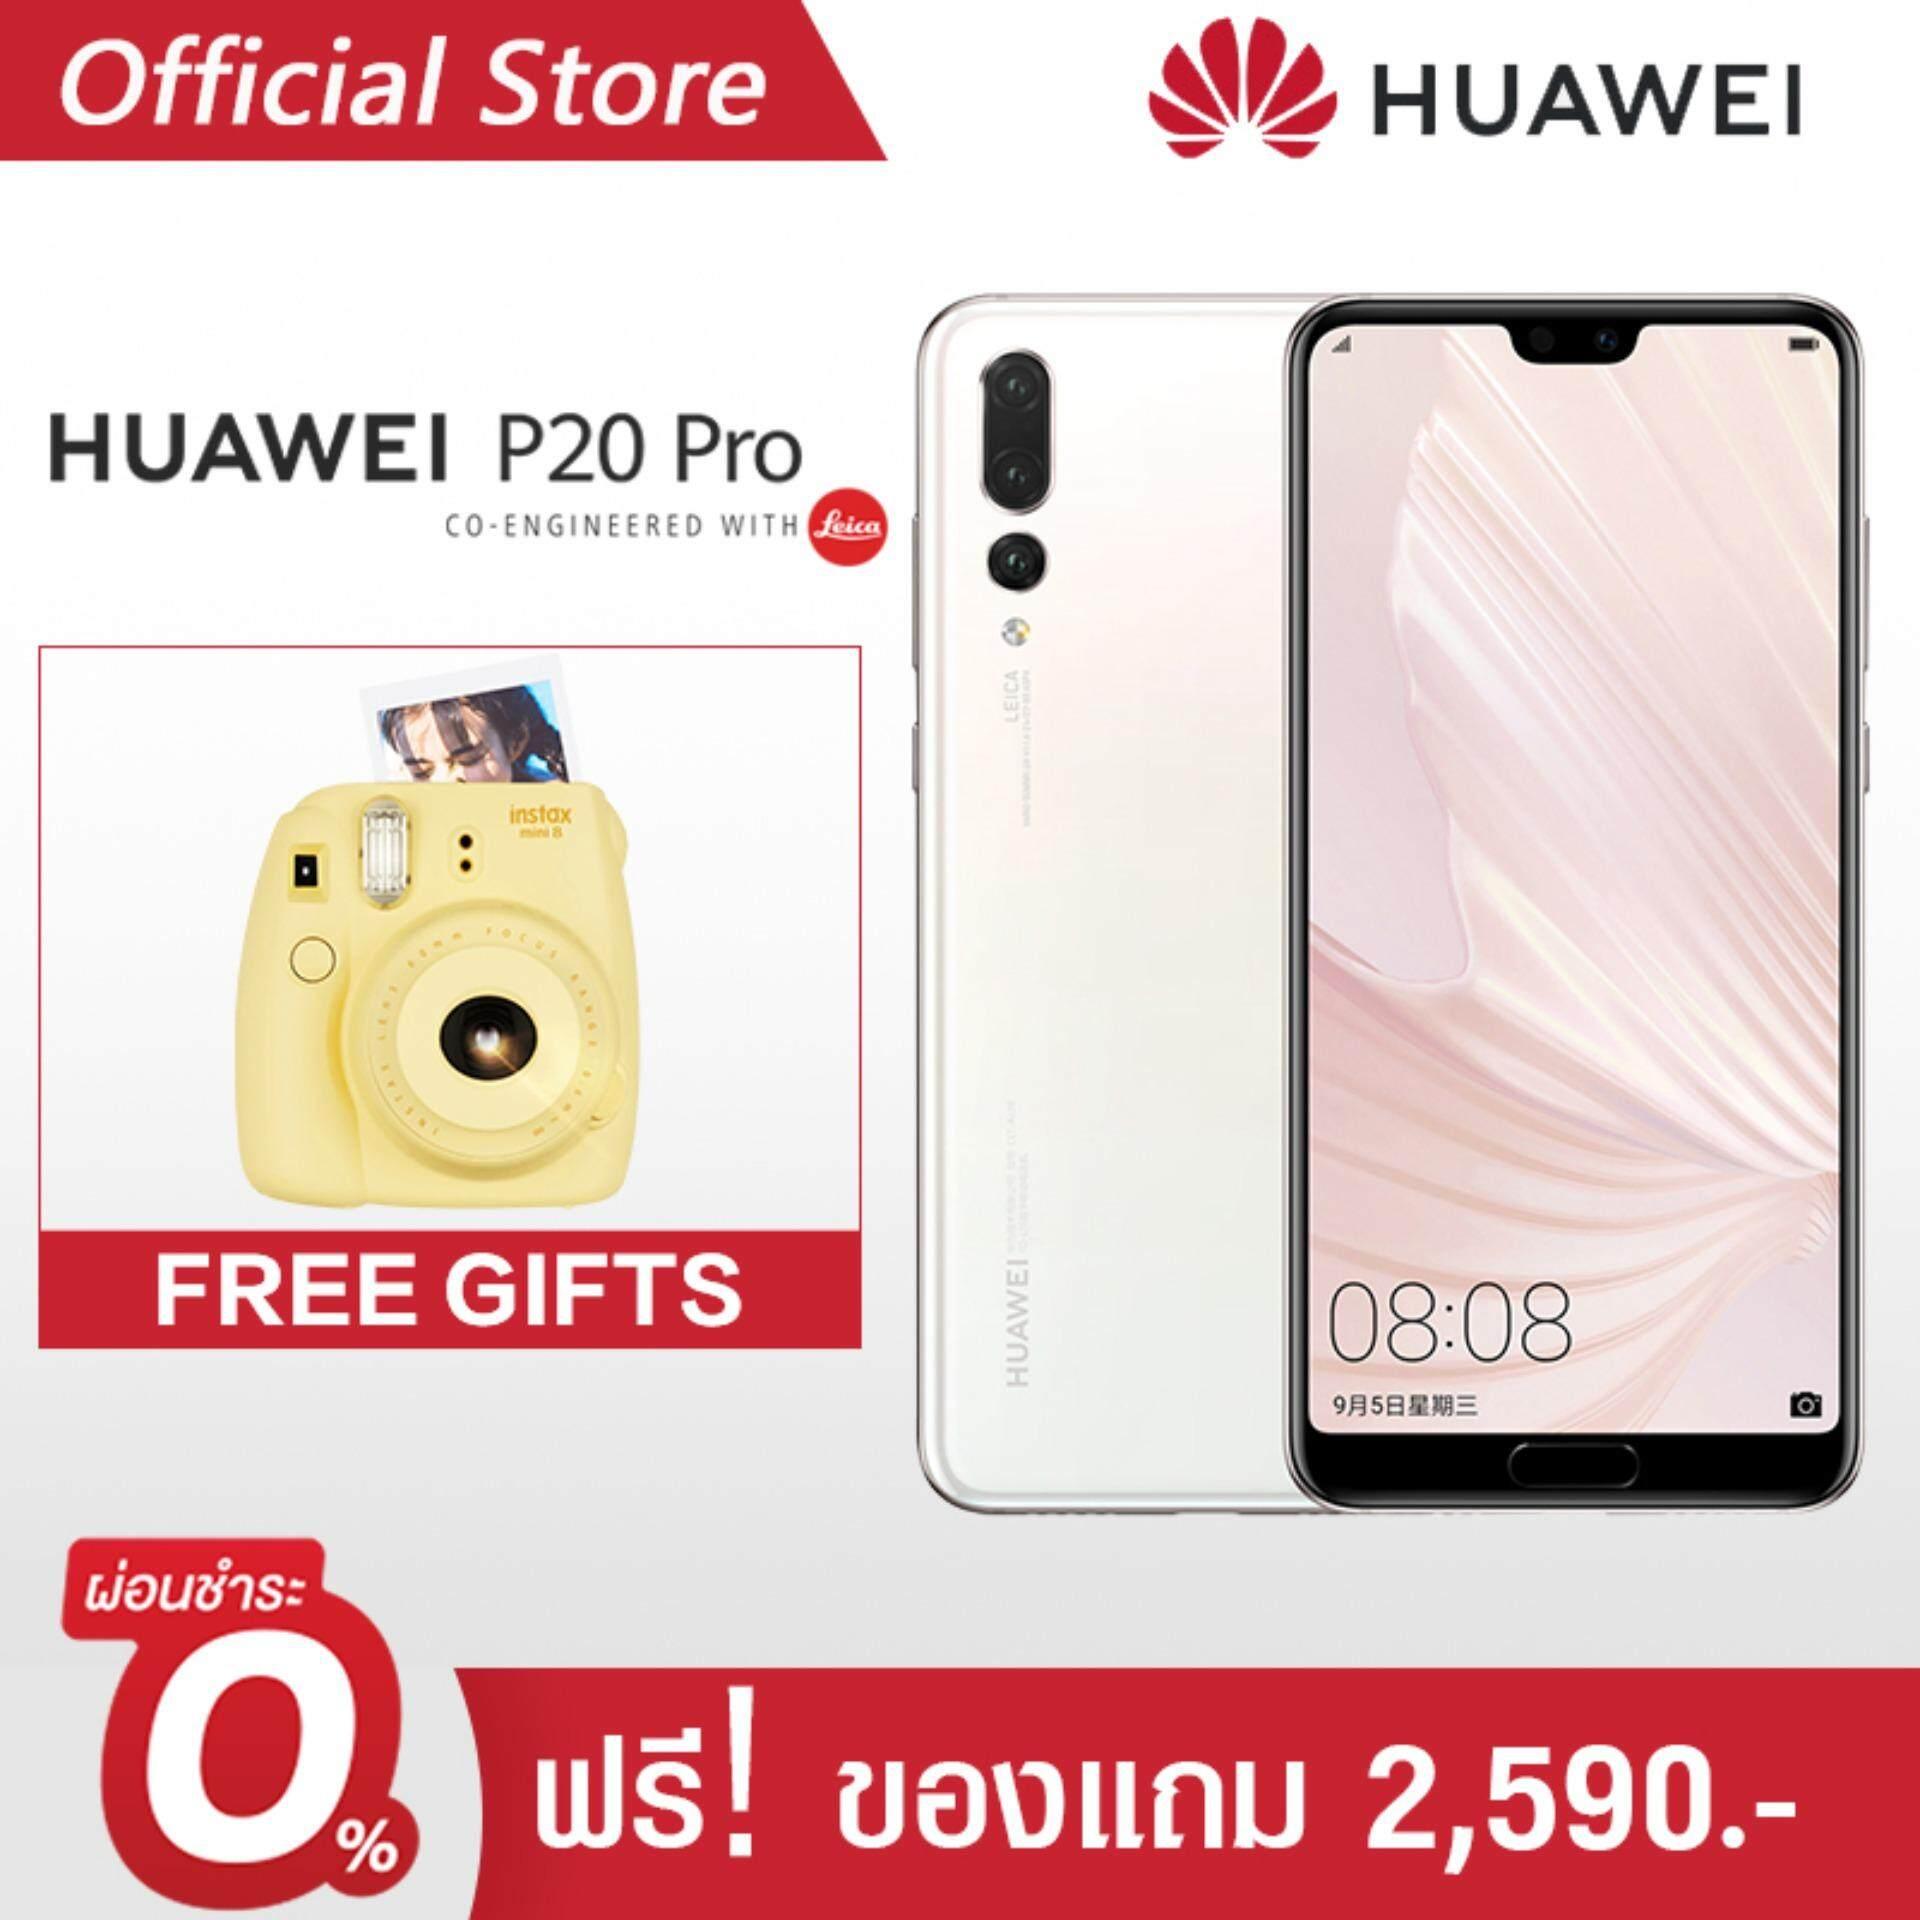 [ ผ่อน 0% 10 เดือน + Free Gifts] Huawei P20 Pro *6GB /128GB *กล้อง 40MP leica triple camera พร้อมของแถมกล้องโพราลอยด์